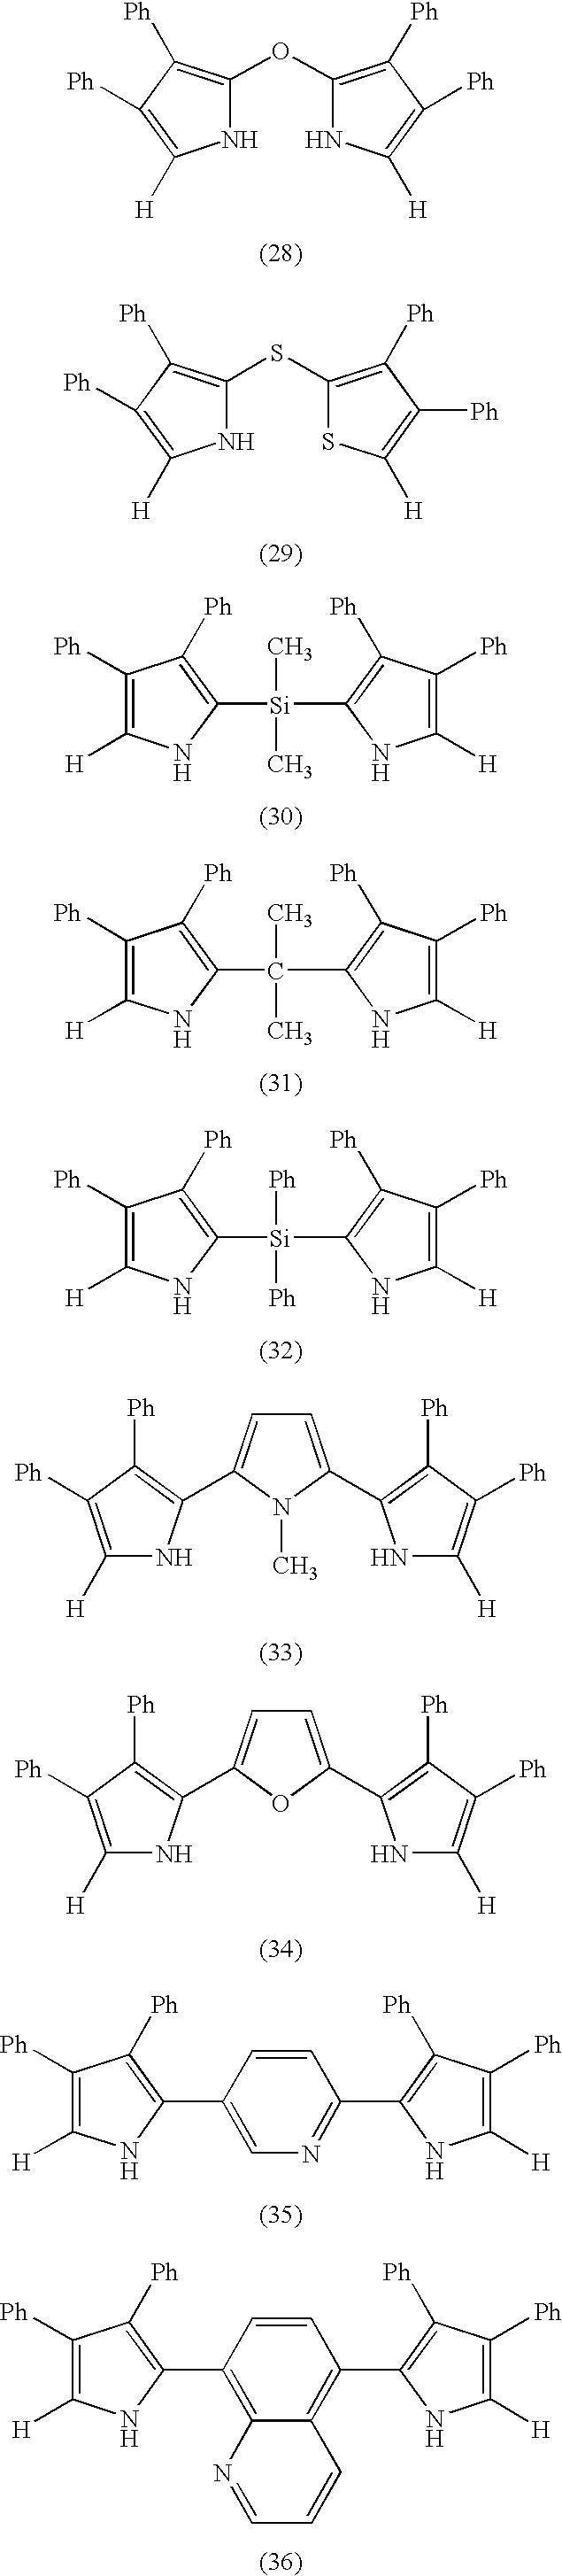 Figure US07871714-20110118-C00012